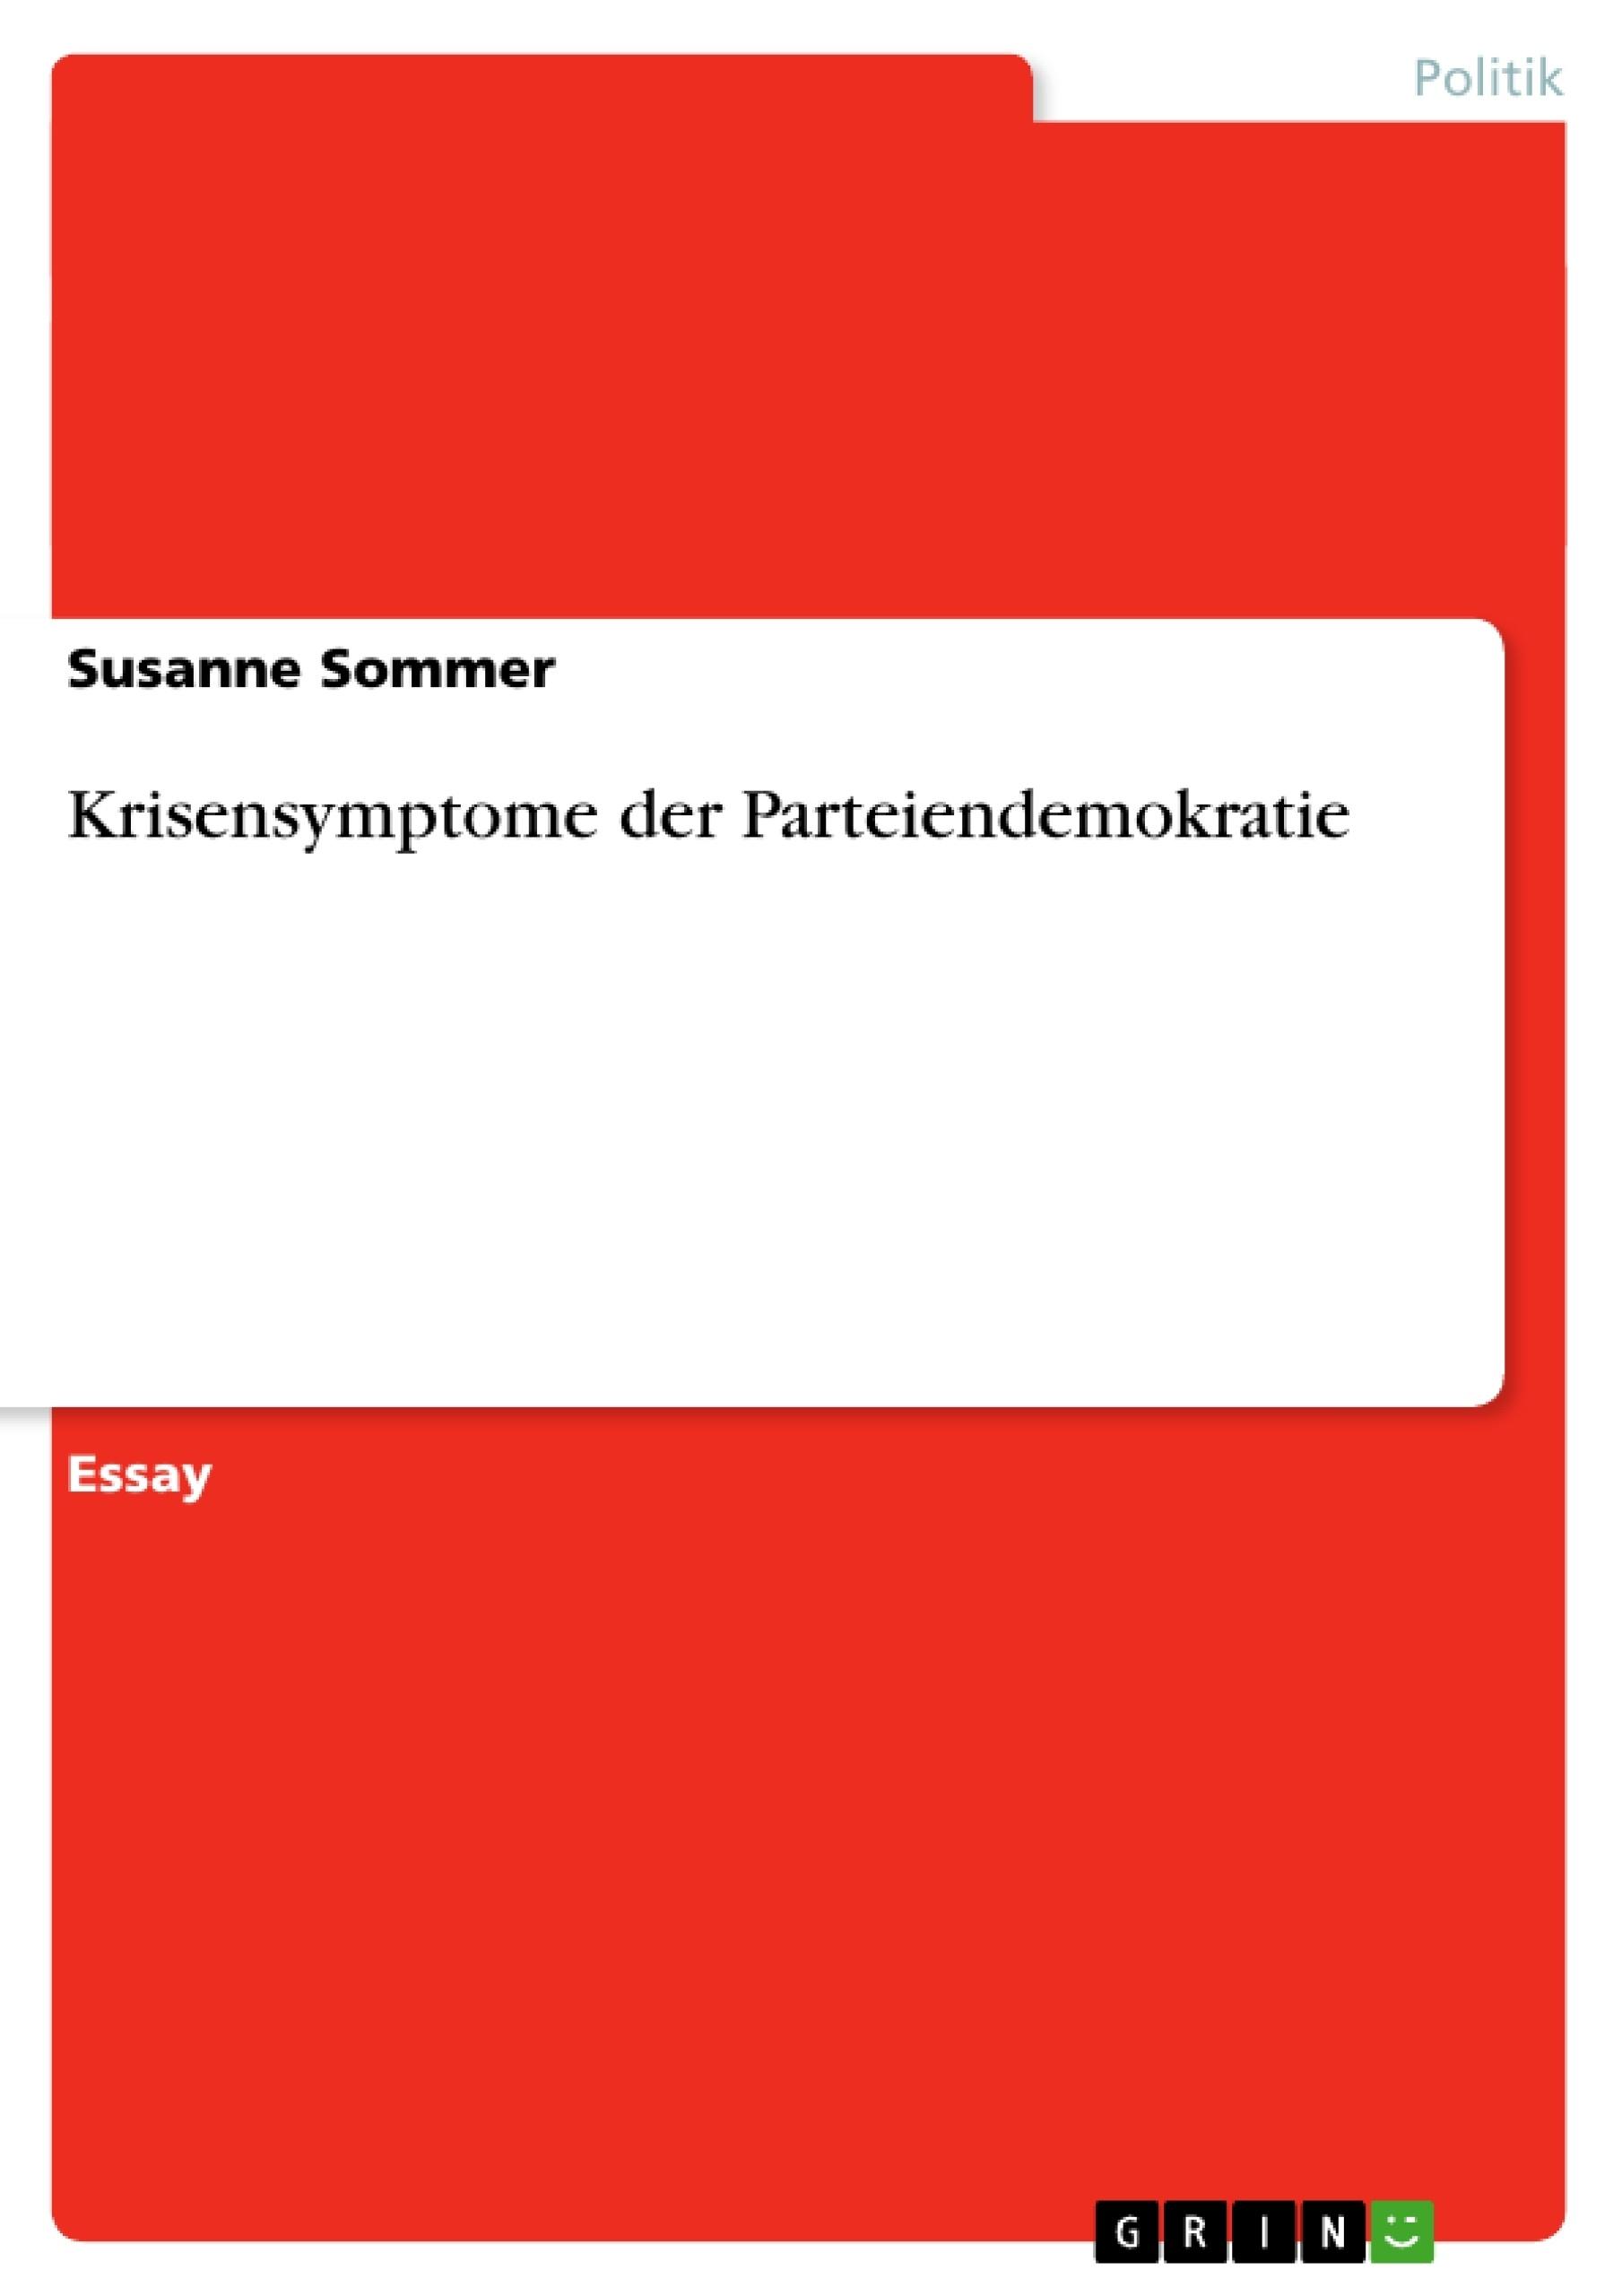 Titel: Krisensymptome der Parteiendemokratie